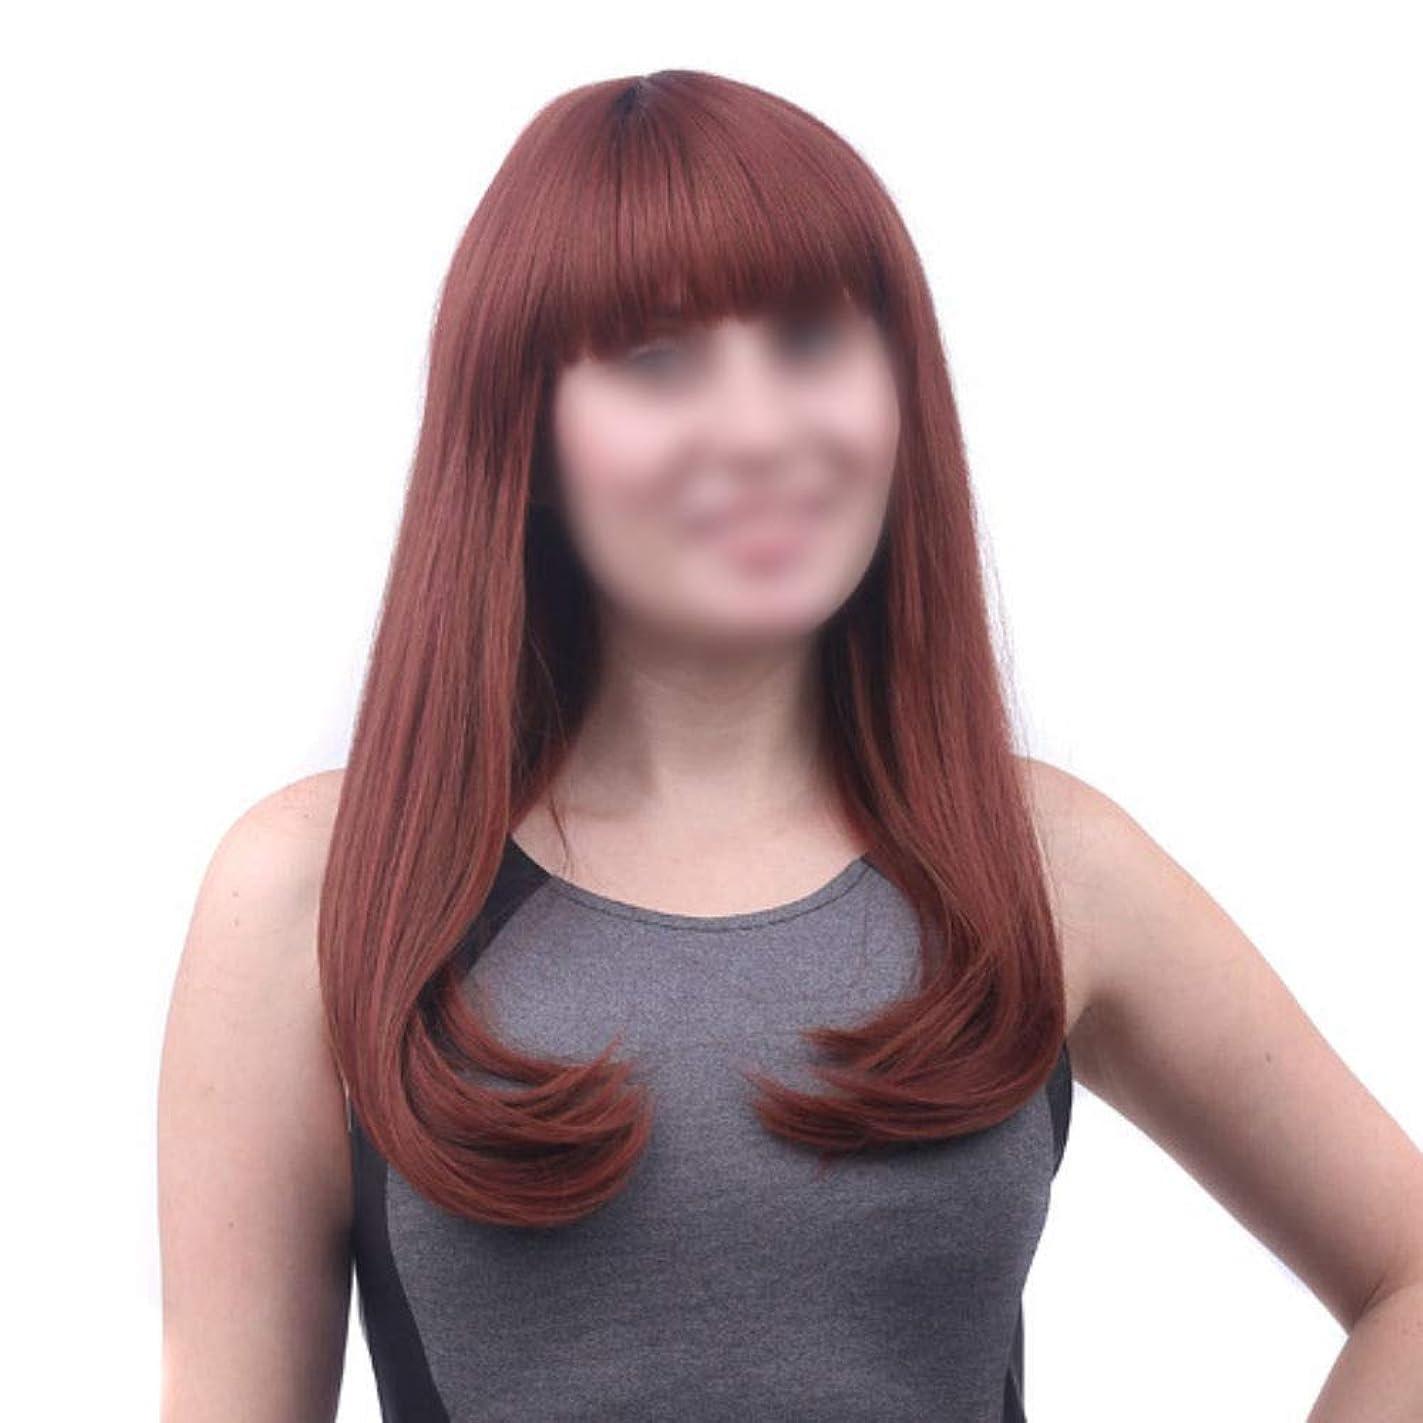 プール被るこれまでHOHYLLYA 女性のための前髪ロング絹のようなストレートナチュラルな髪の交換用のかつらパーティー用のかつら (色 : ブラウン, サイズ : 55cm)